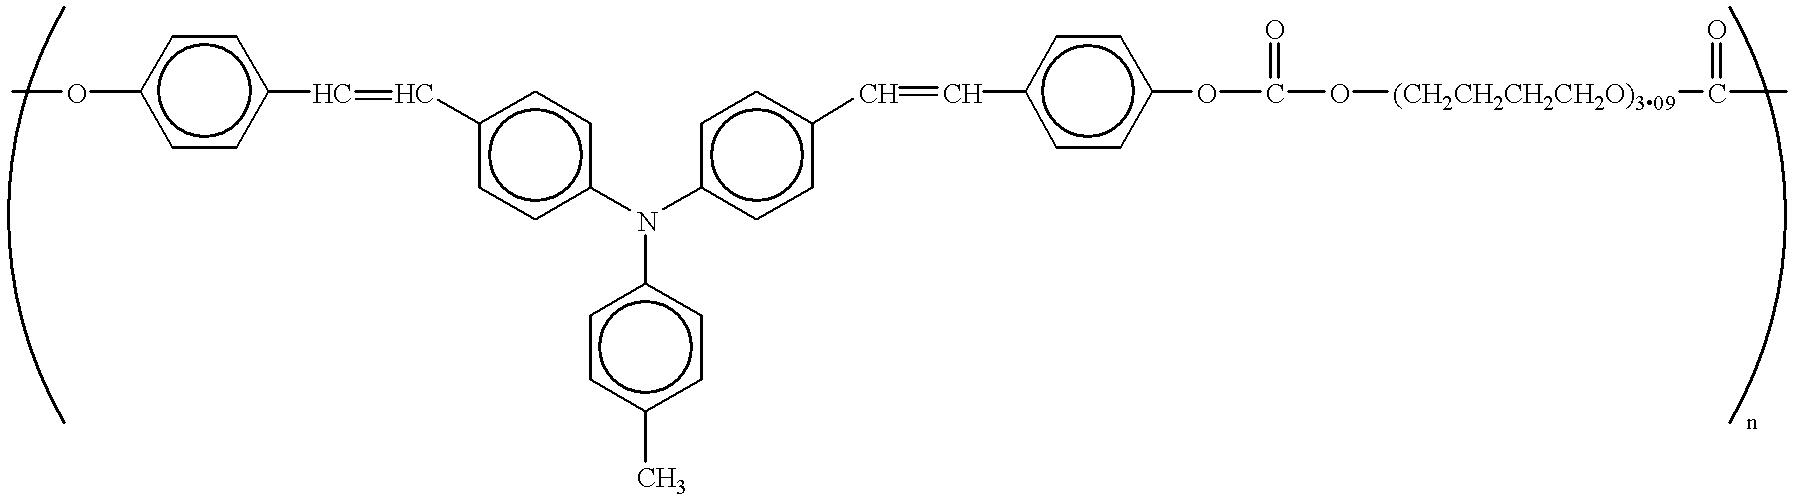 Figure US06558863-20030506-C00067